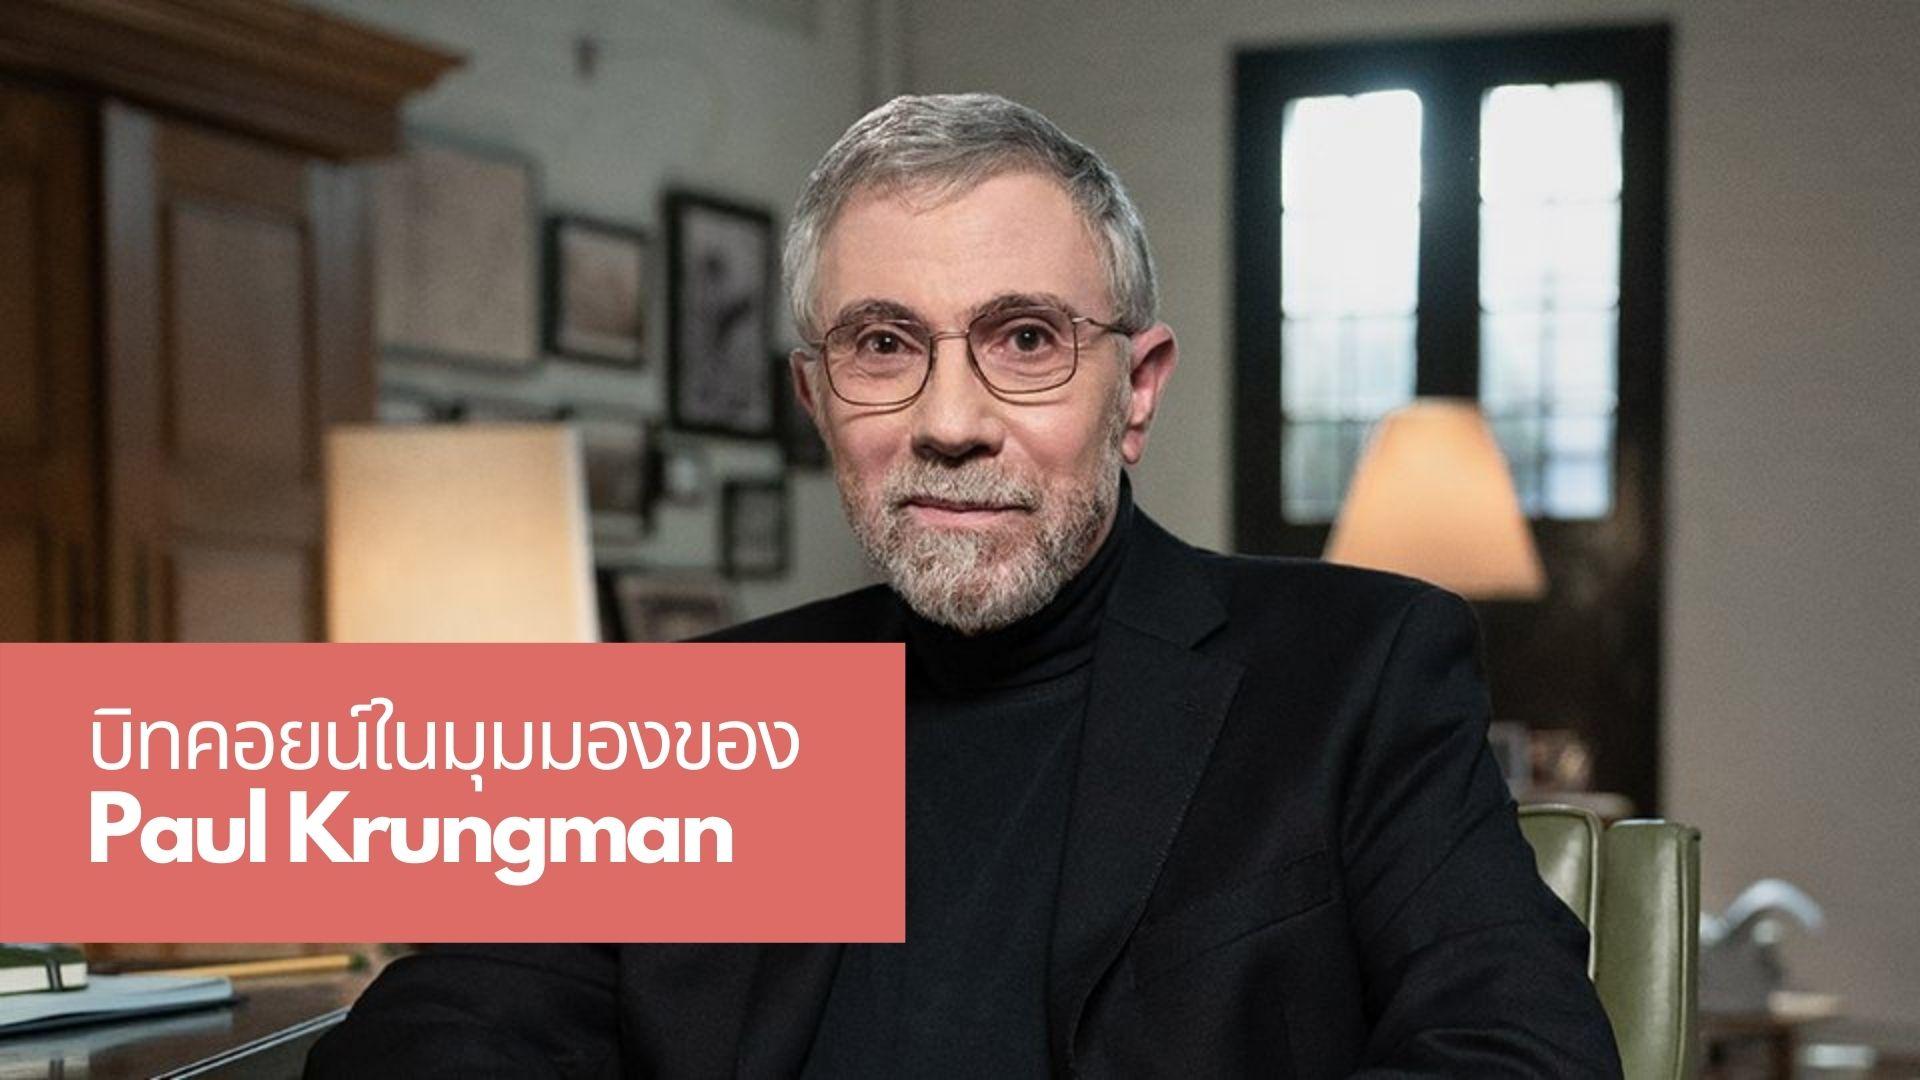 บิทคอยน์ในมุมมองของ Paul Krungman